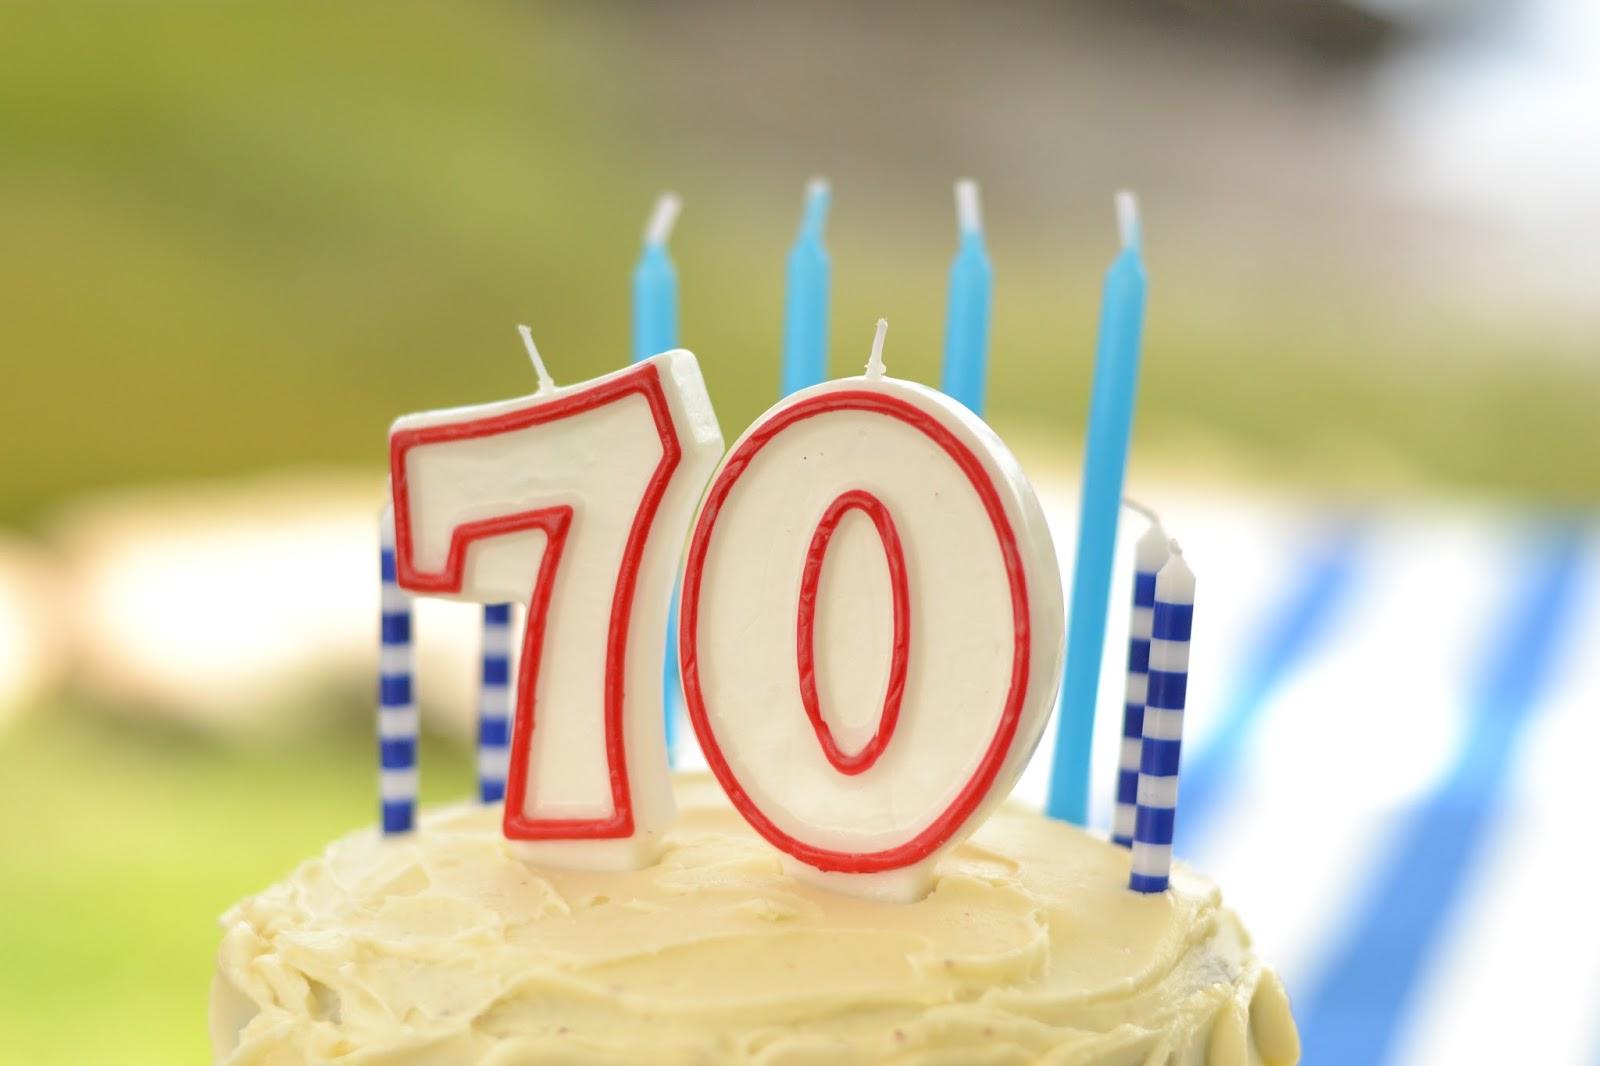 University of Queensland Economics School turns 70